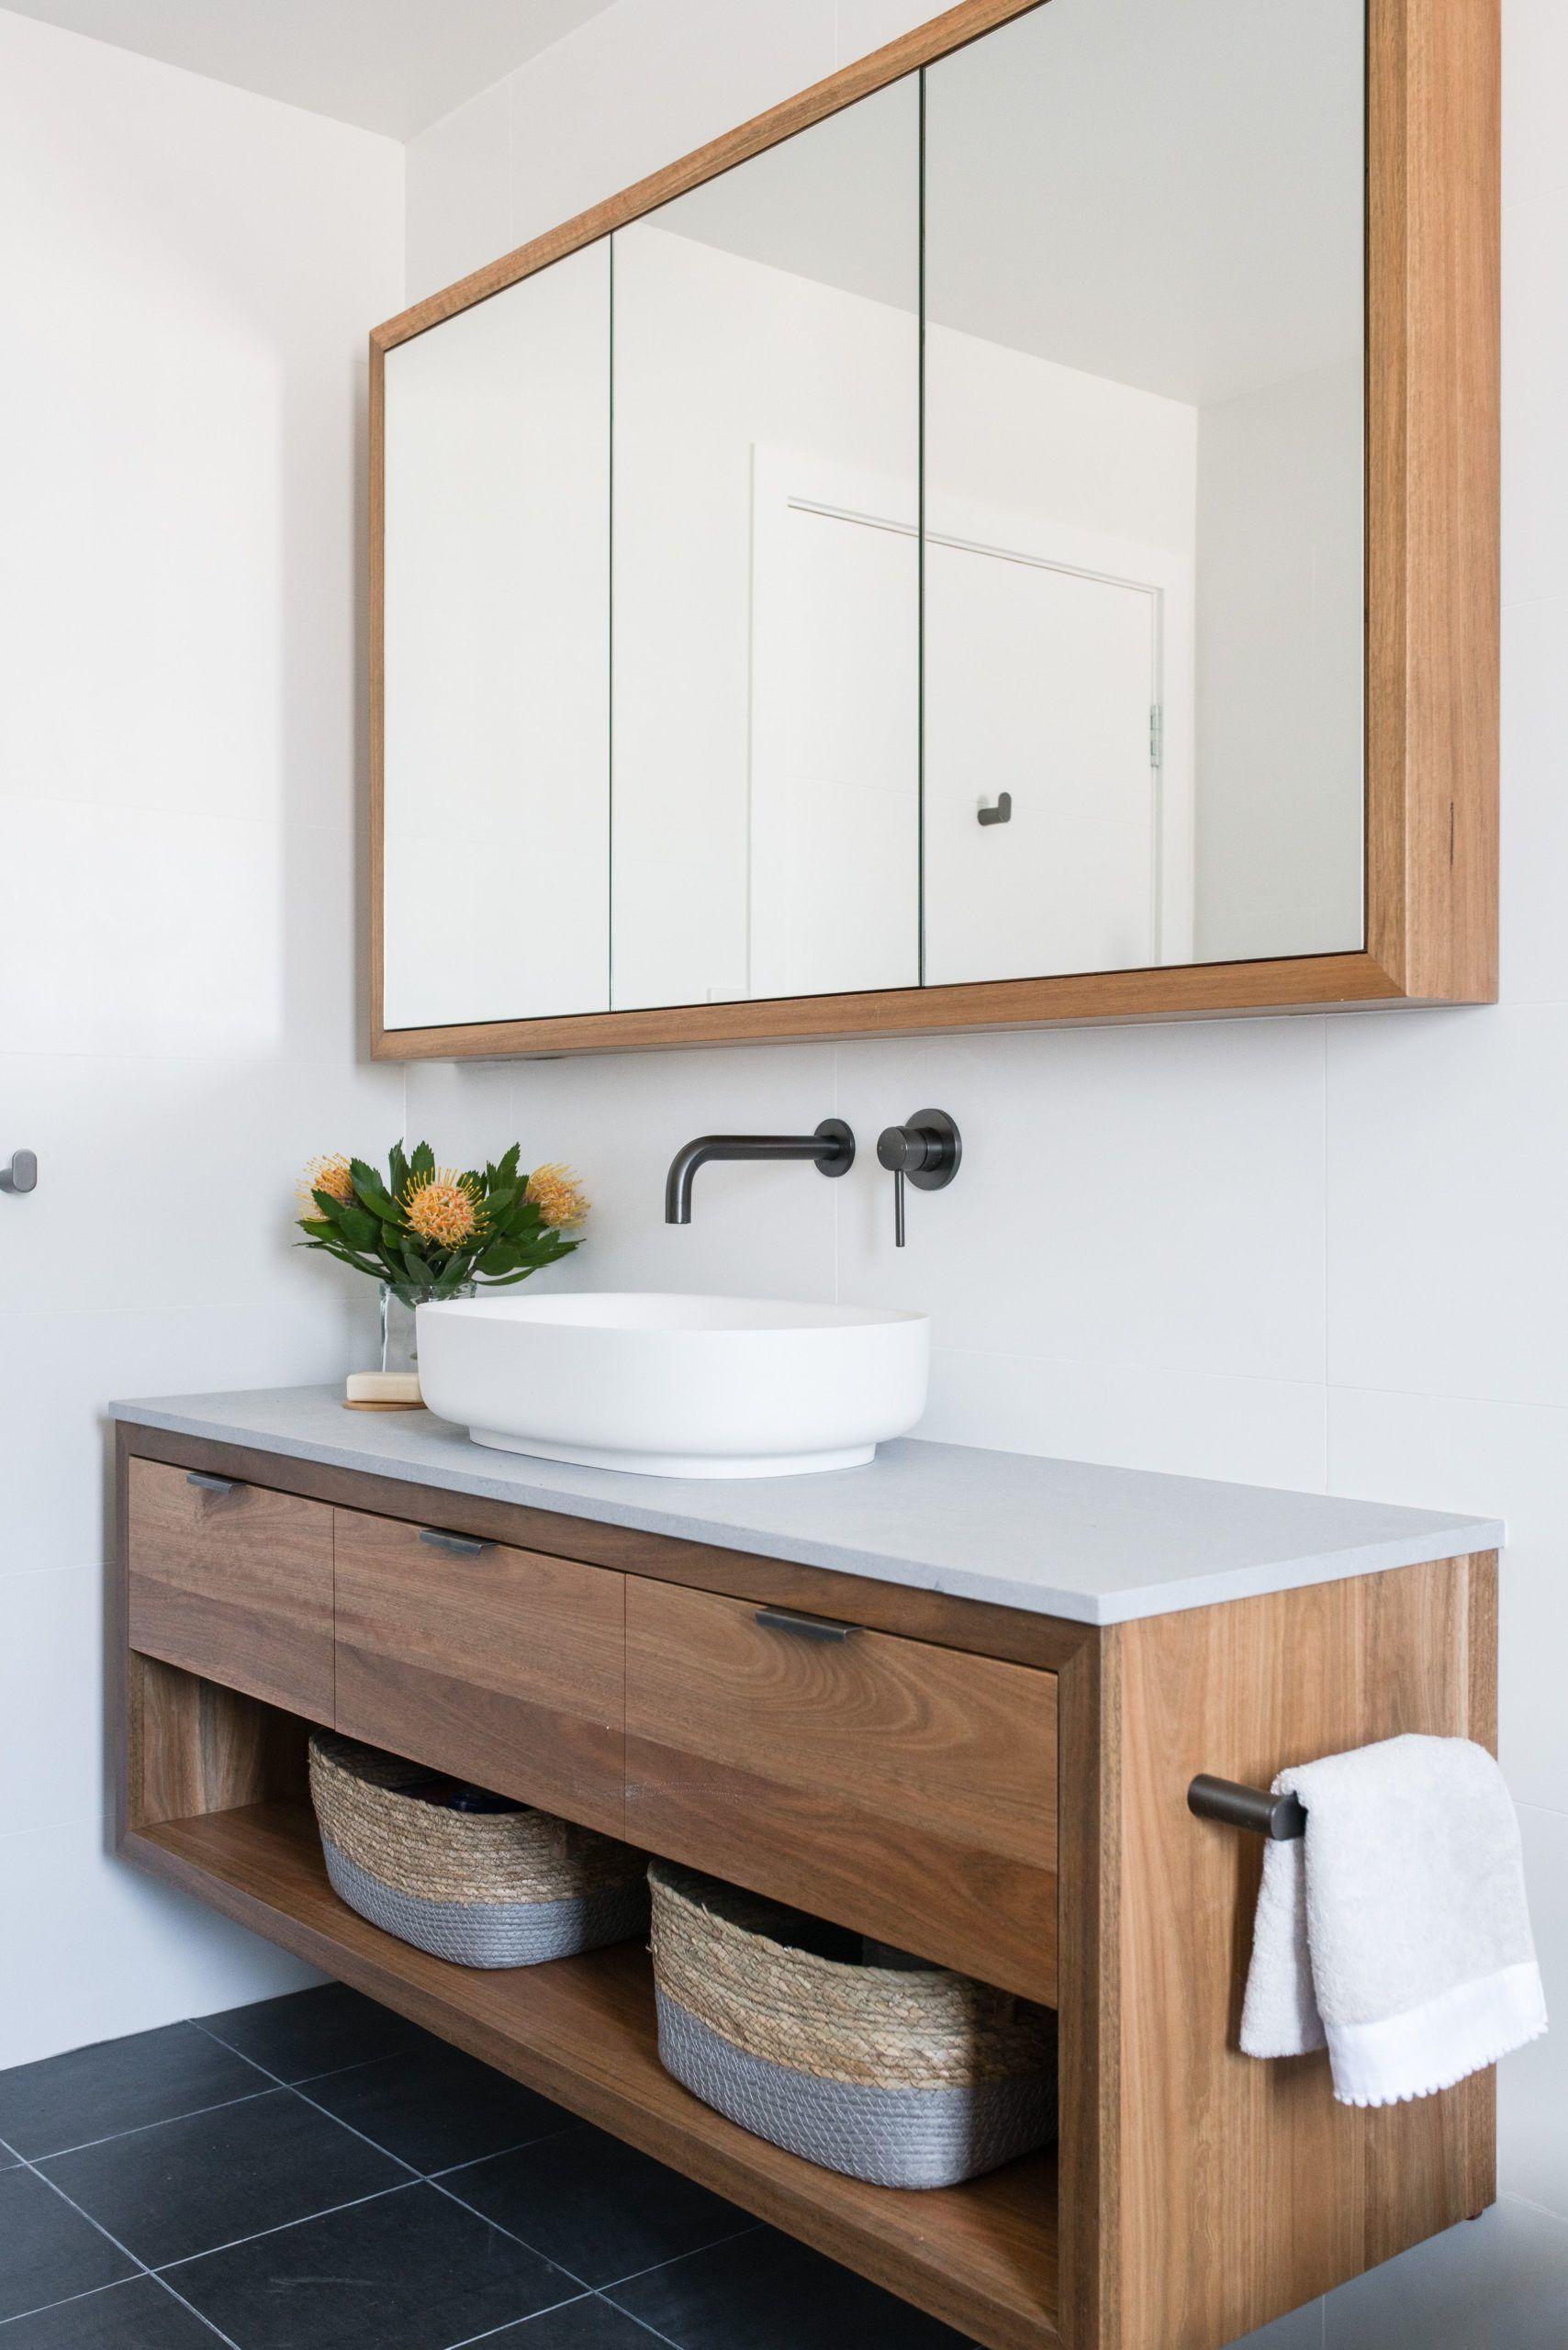 Timber Vanity And Shaving Cabinet In 2020 Badezimmer Neues Badezimmer Badezimmer Innenausstattung